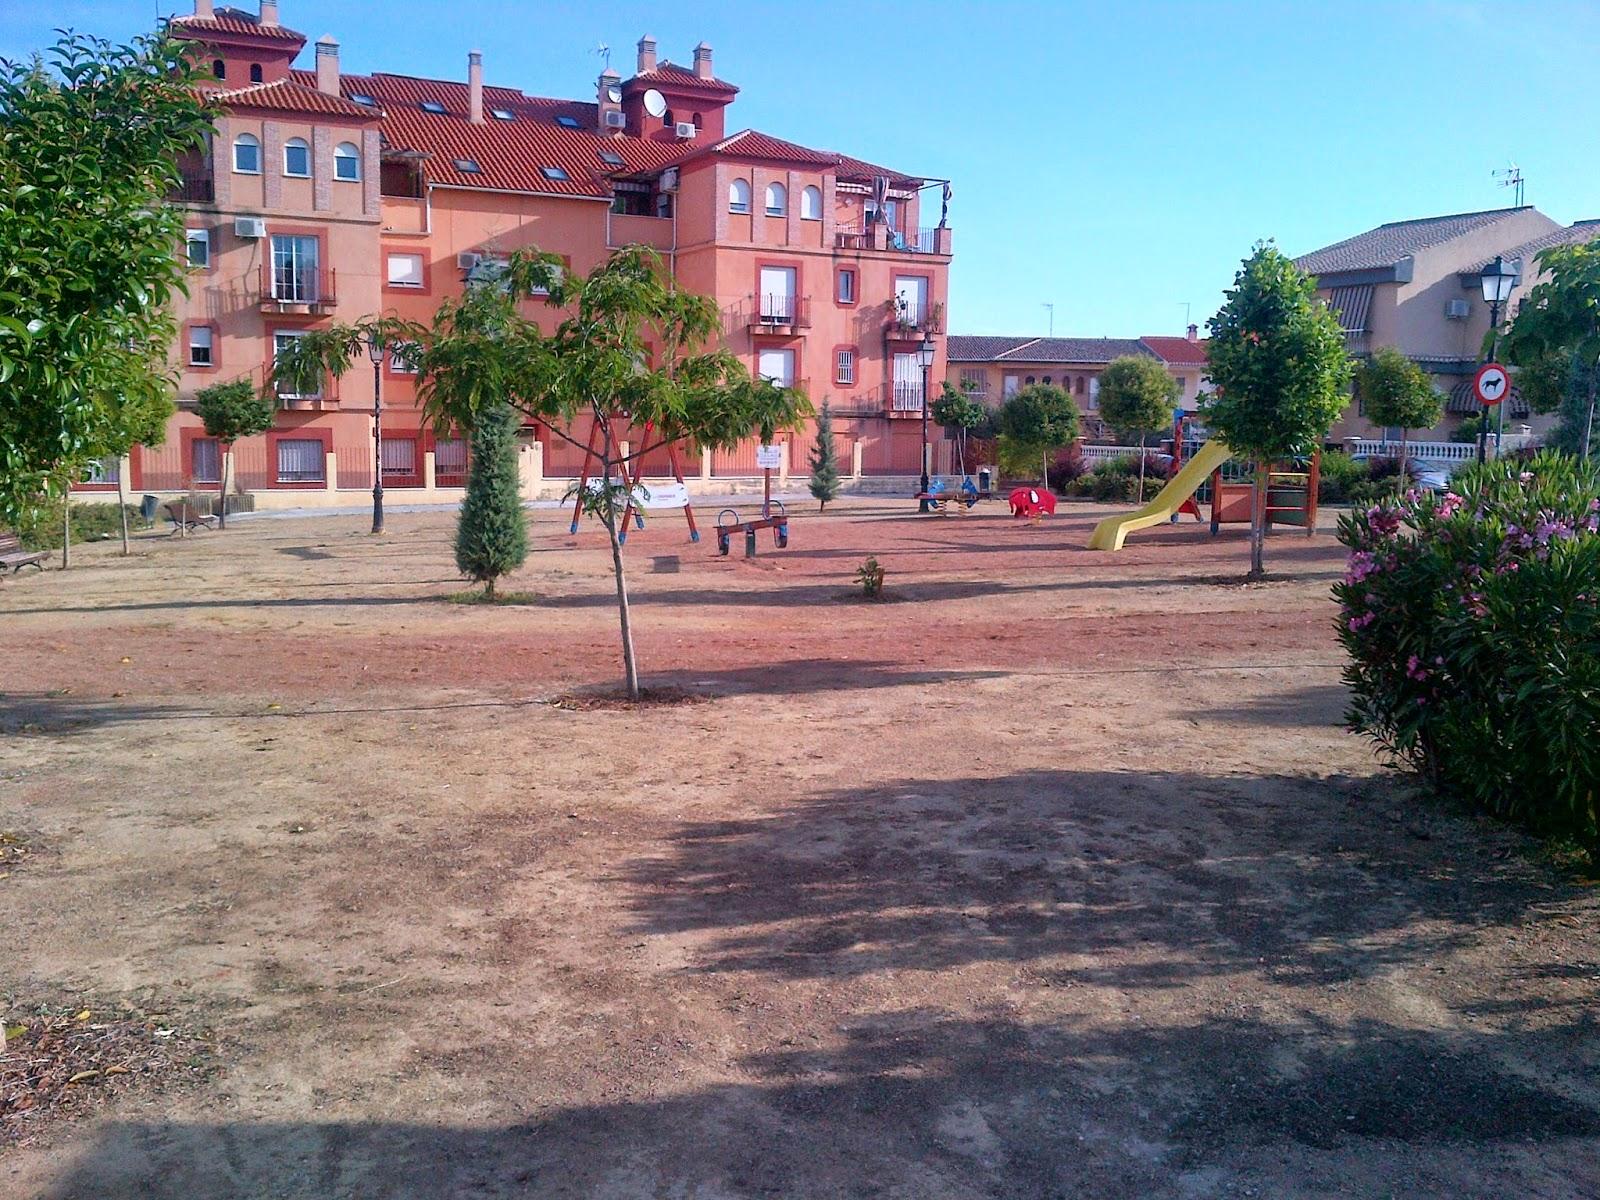 Parques y jardines de ogijares parque jutiliana arreglo for Parques y jardines